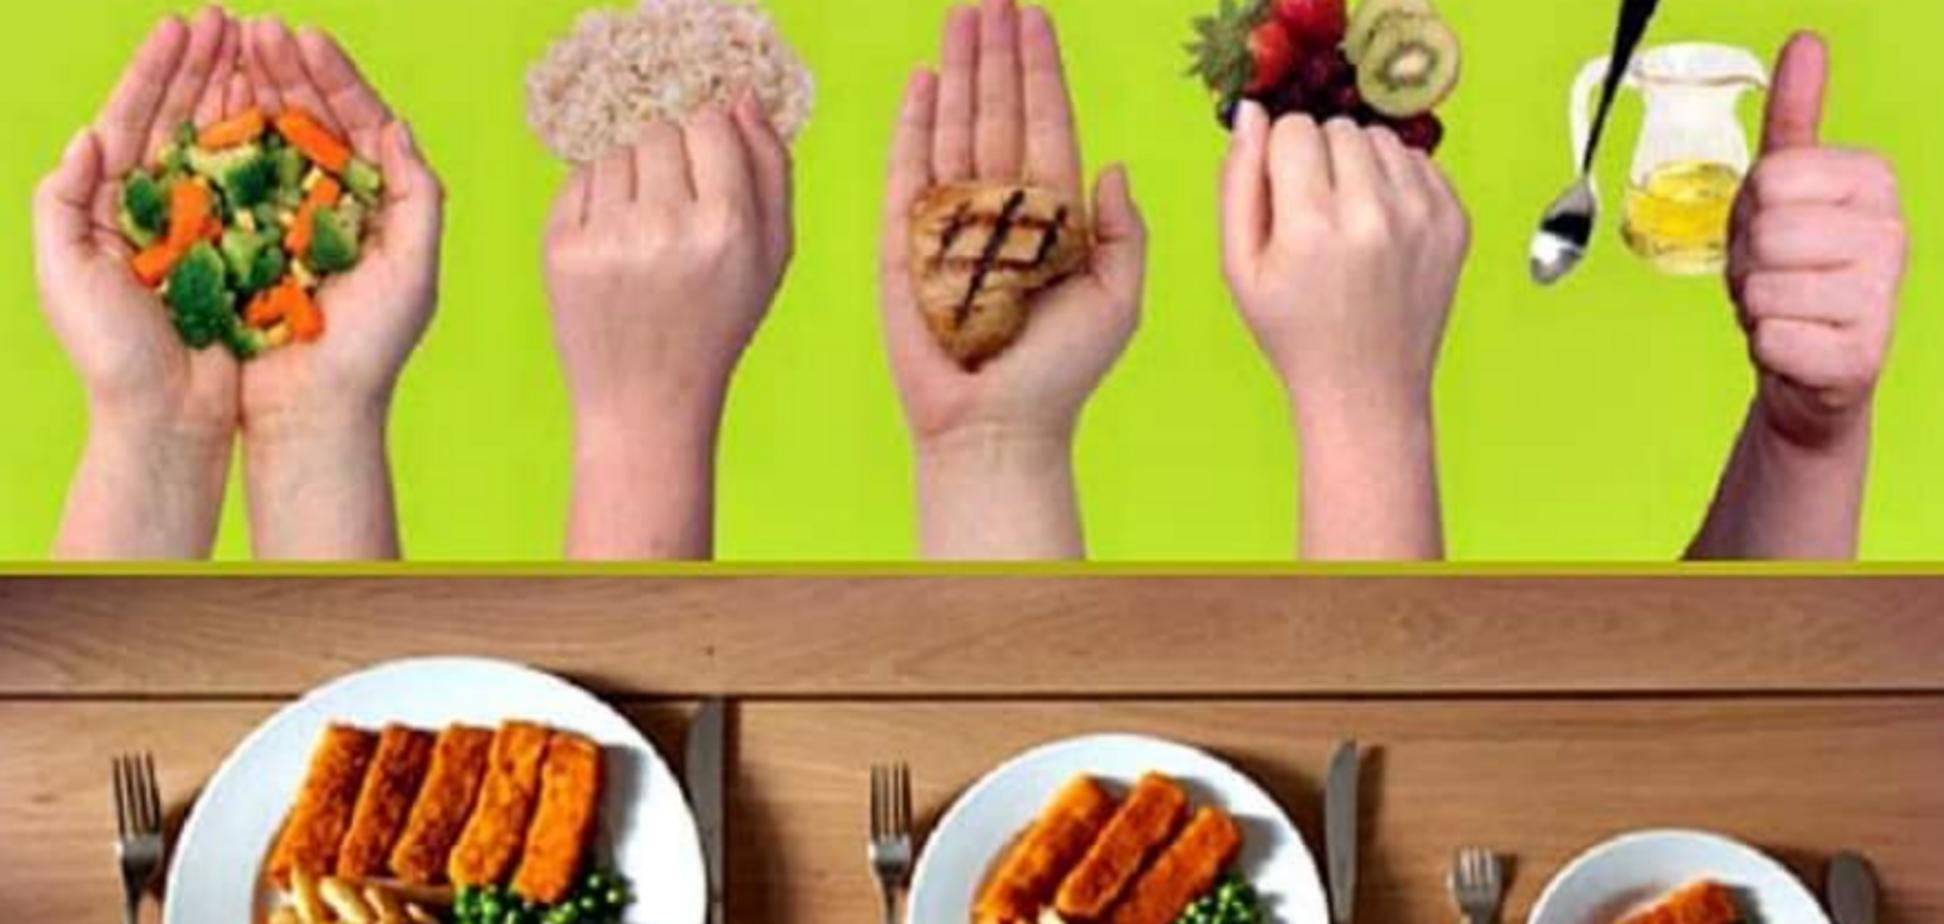 Стрункість за допомогою долоні: дієтологиня розповіла про унікальний метод схуднення